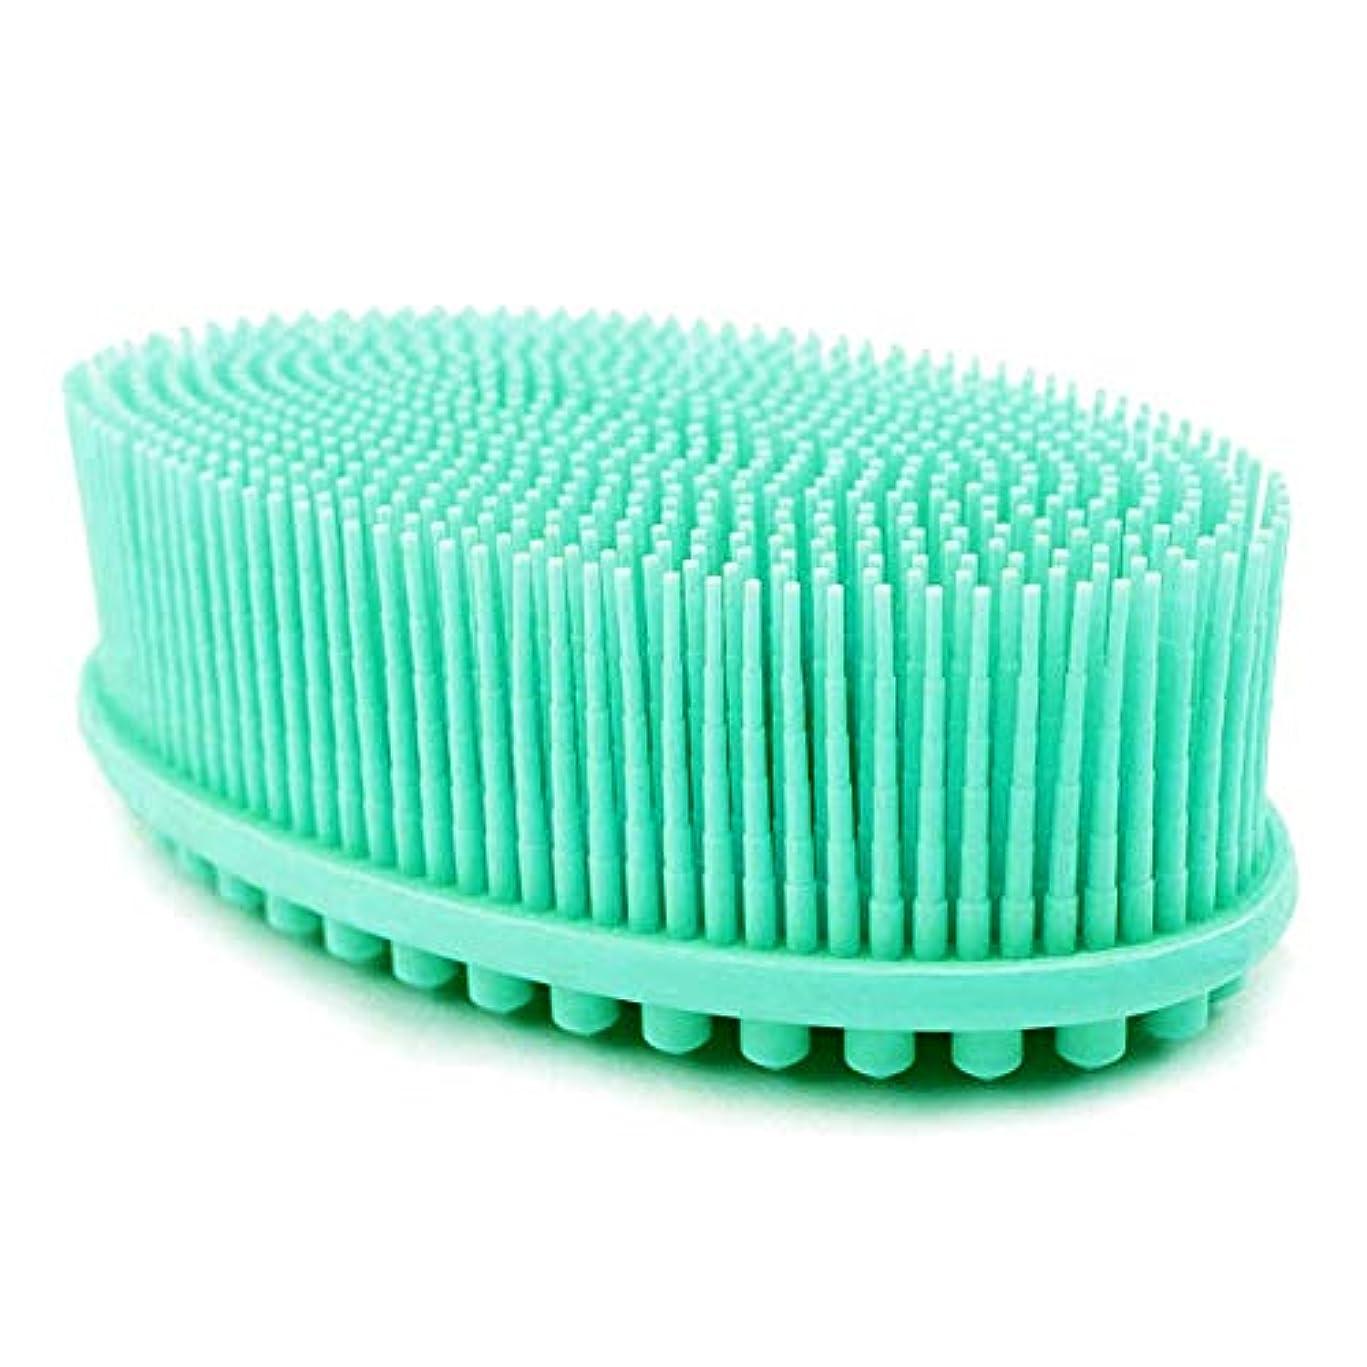 ボディブラシ 両面両用ブラシ シリコン製シャワーブラシ バス用品 お風呂ブラシ角質除去 美肌効果 血液循環を改善し、健康と美容に良い, 緑